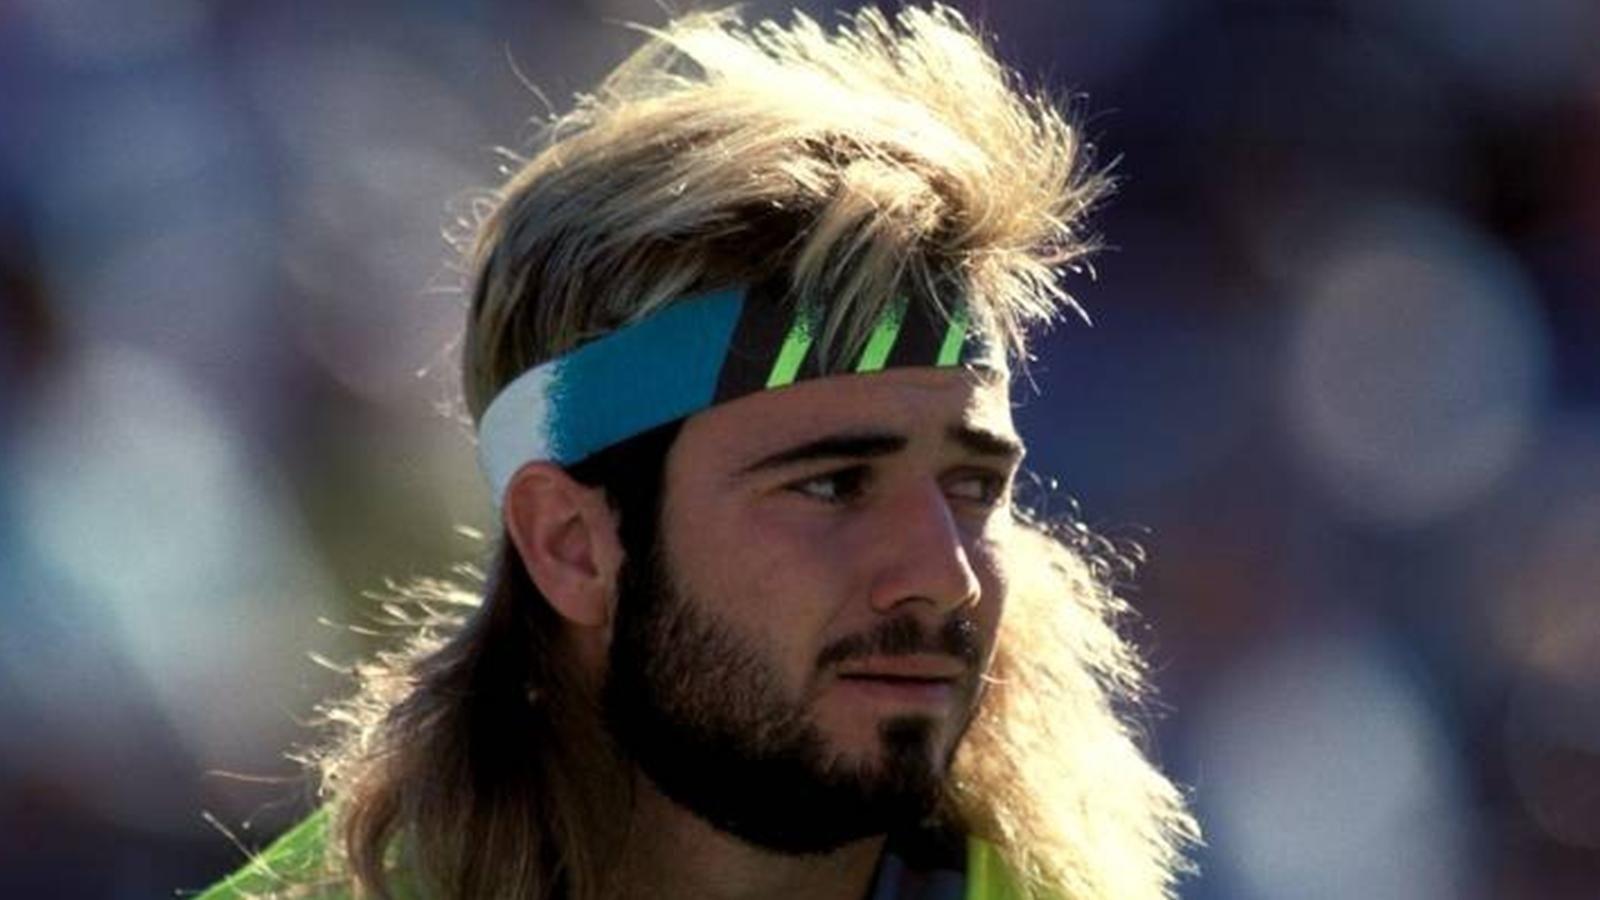 Долгое время Агасси играл в парике, переживая, что лысеет. Очень стеснялся этого и старался скрывать этот факт. Занятно, что иногда он спрашивал заколки для волос в женском туре, например, у Крис Эверт